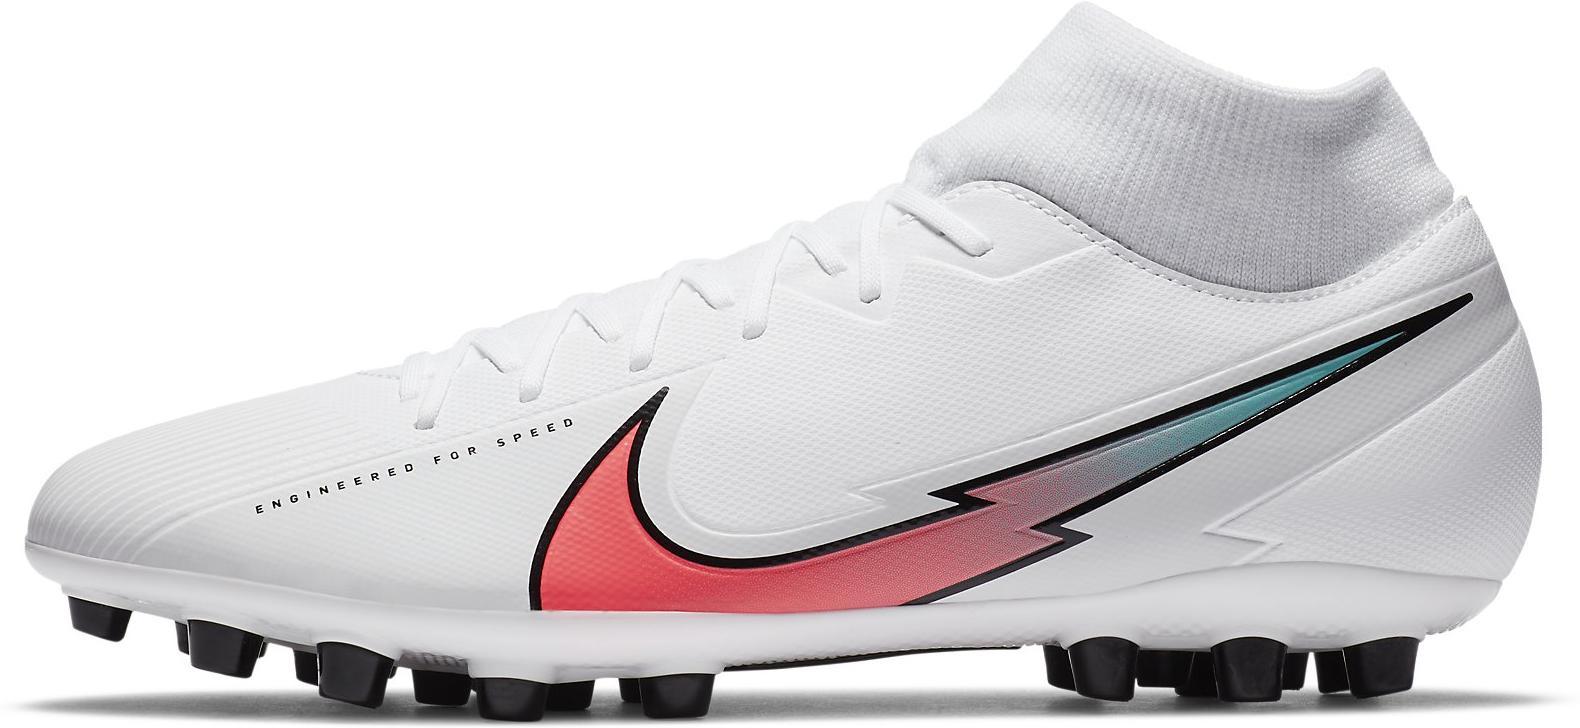 Kopačky Nike SUPERFLY 7 ACADEMY AG bílá